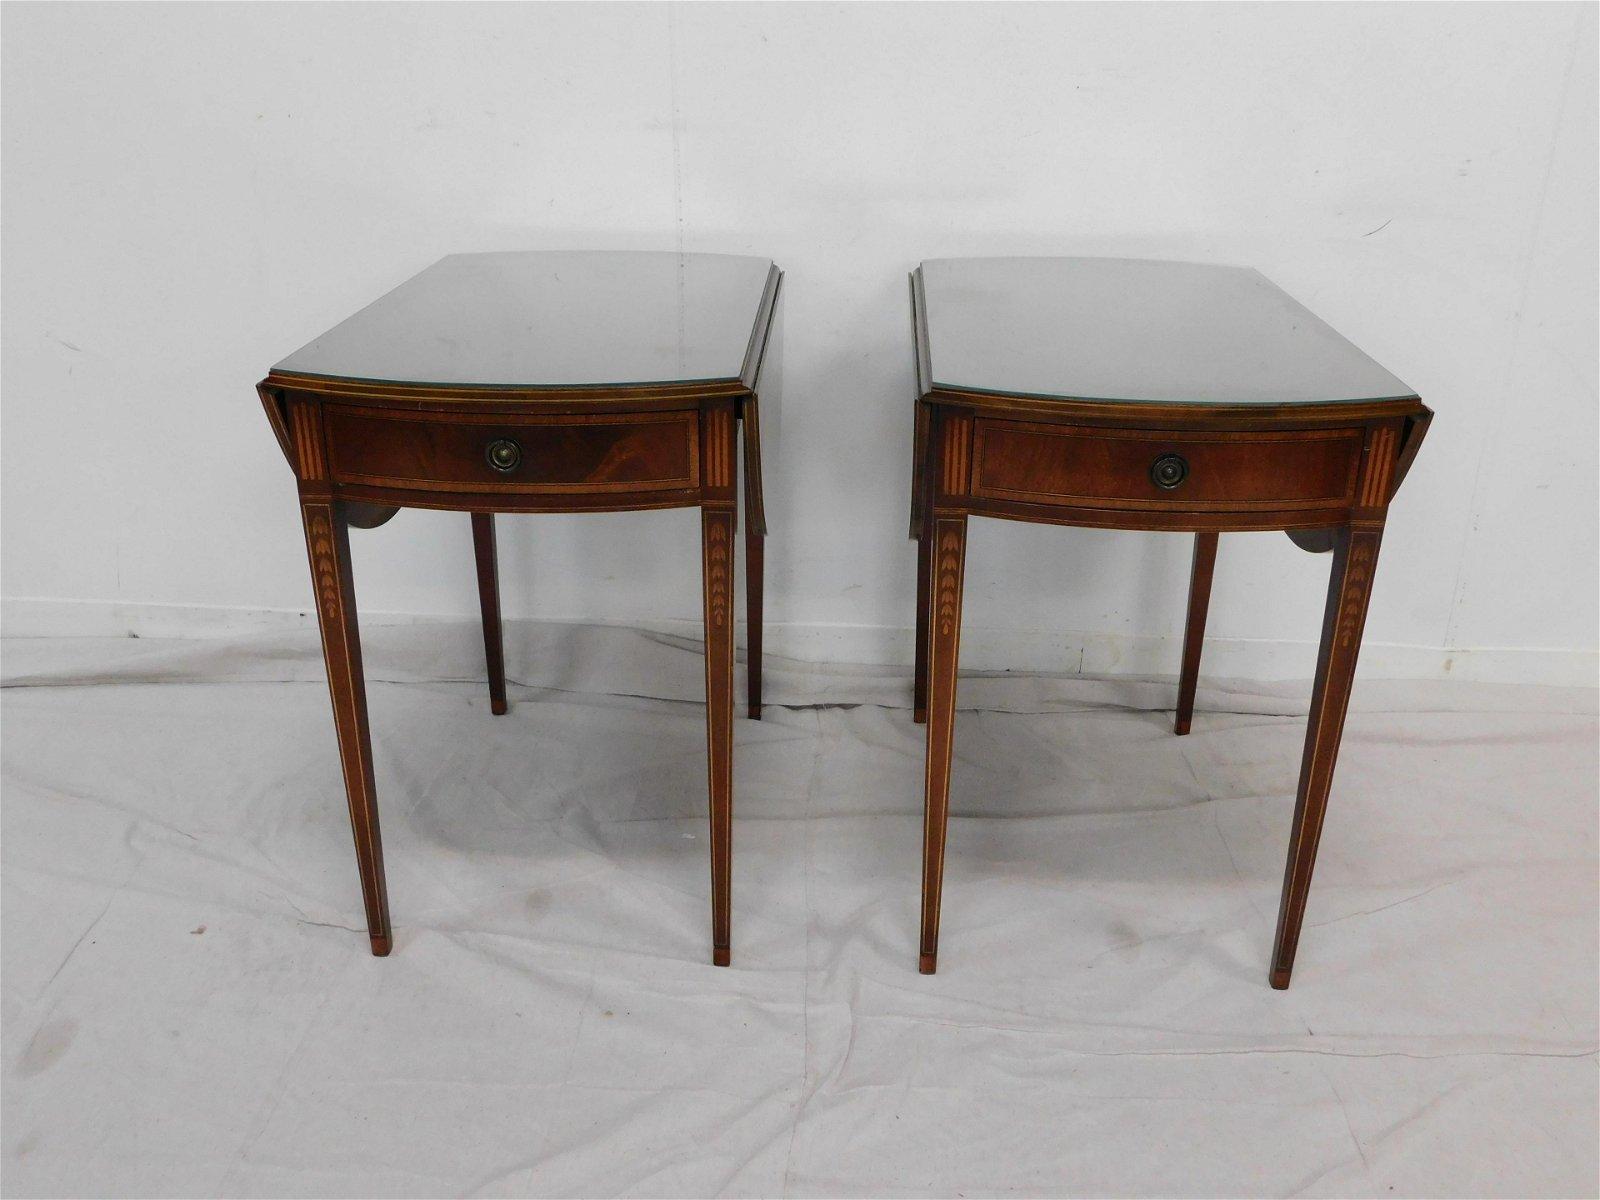 Pair of Inlaid Pembroke Mahogany Tables